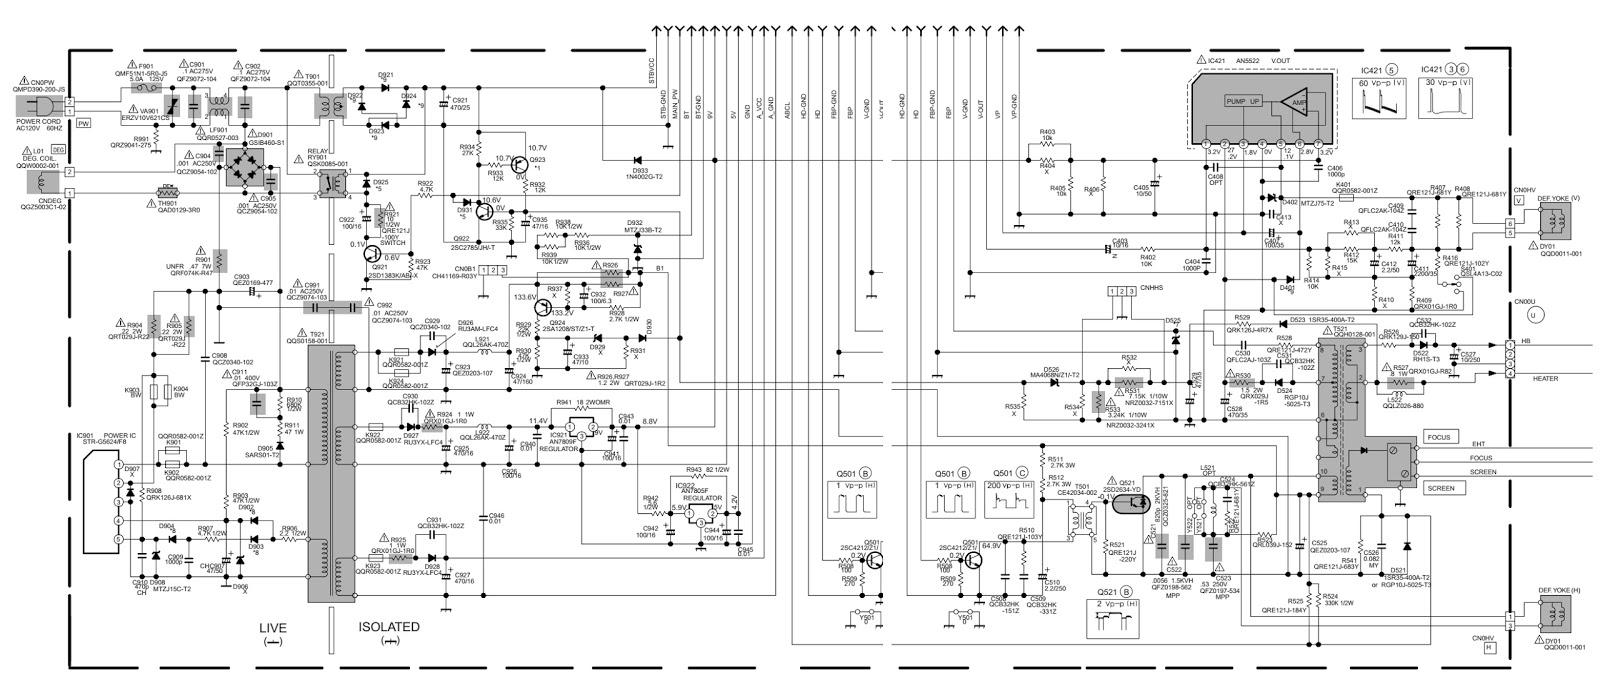 JVC AV 20D303 – How to enter Service Mode